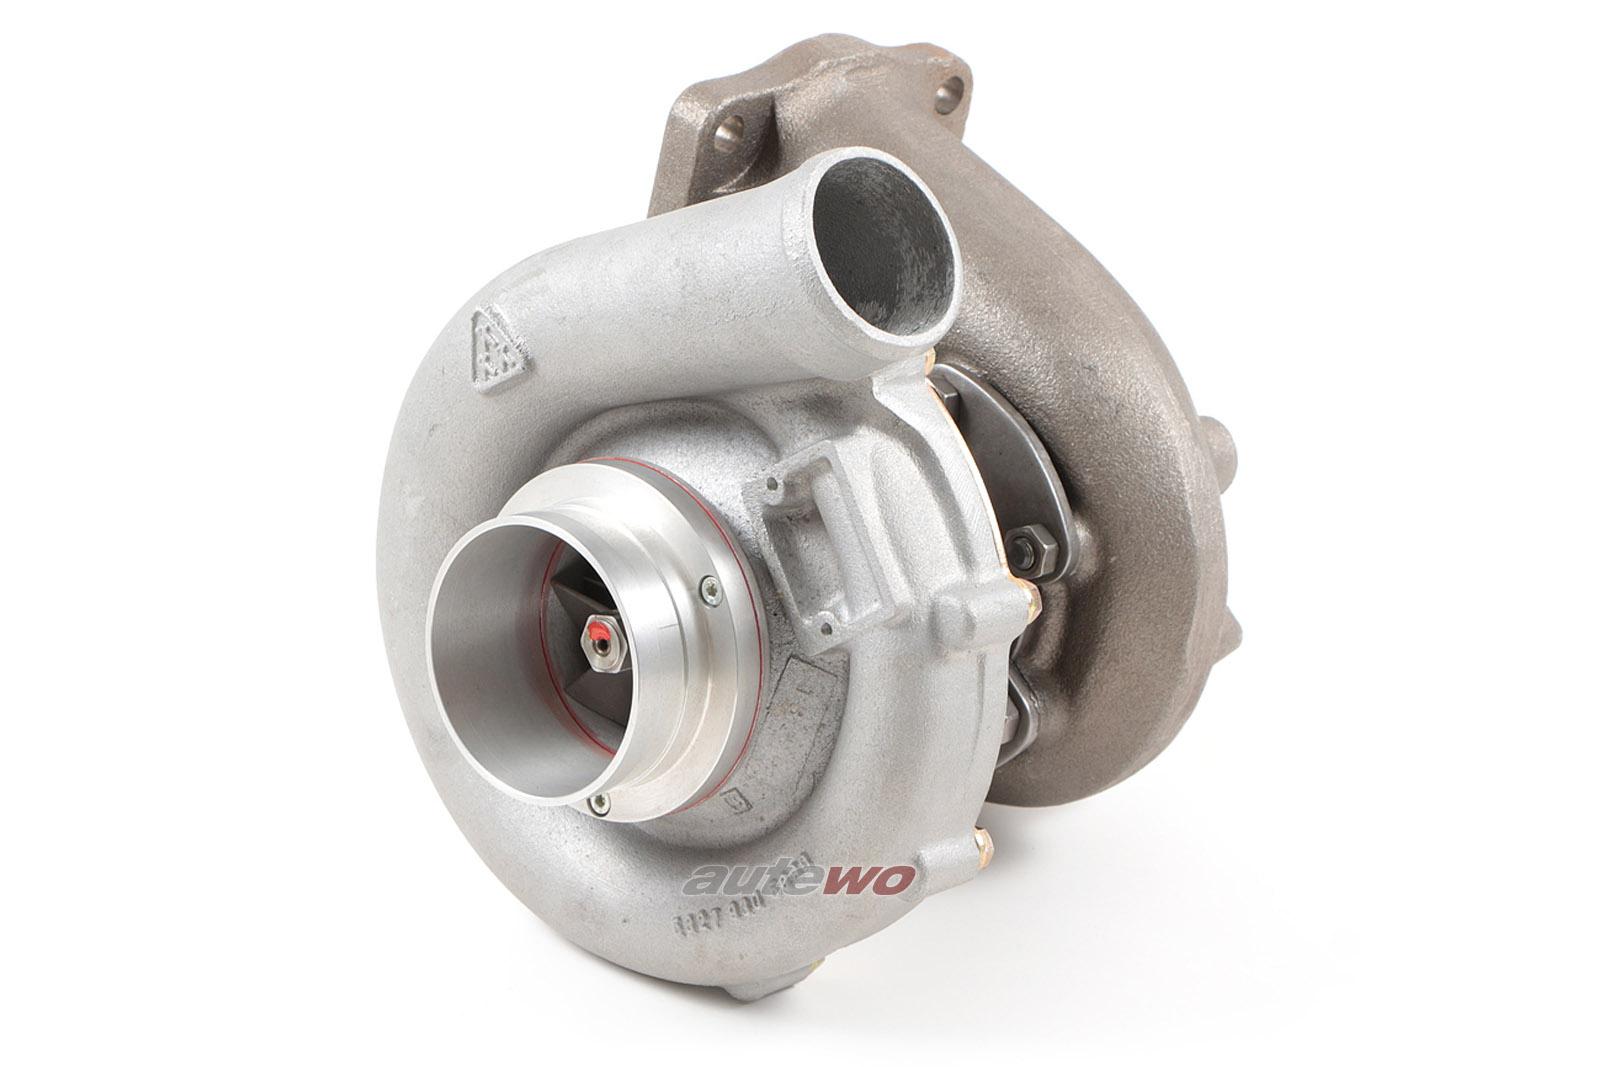 NEU IMSA Audi S2/RS2/S4/S6 C4/Sportquattro 2.2l 20V Turbolader K26/27 10er Abgas